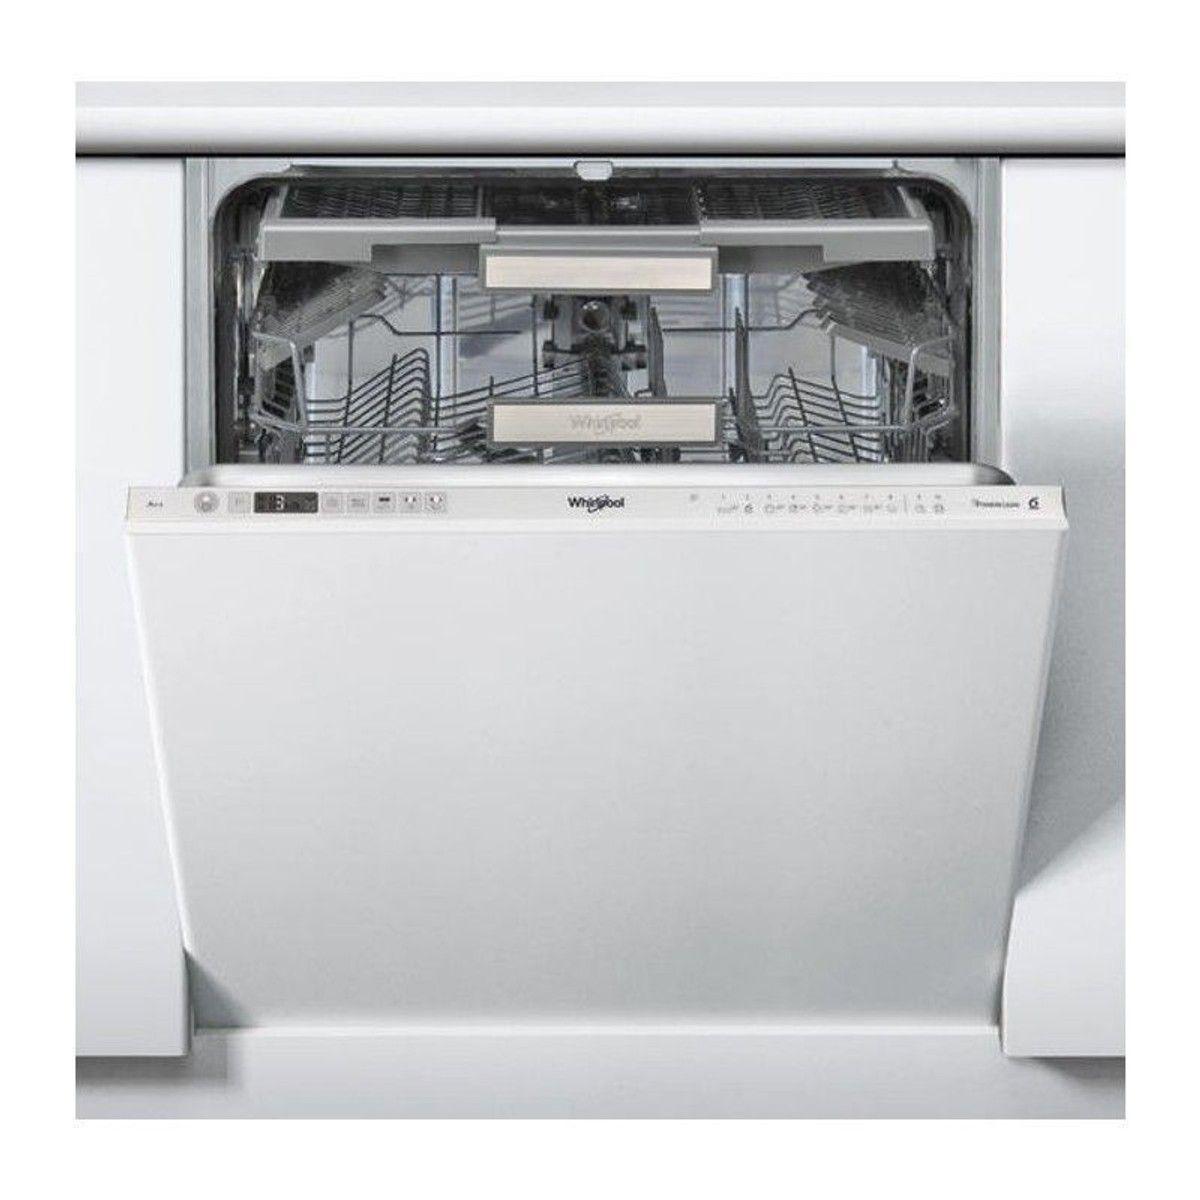 Lave Vaisselle Integrable Wkcio 3 T 123 Pef Taille Taille Unique Lave Vaisselle Lave Vaisselle Integrable Et Meilleur Lave Vaisselle